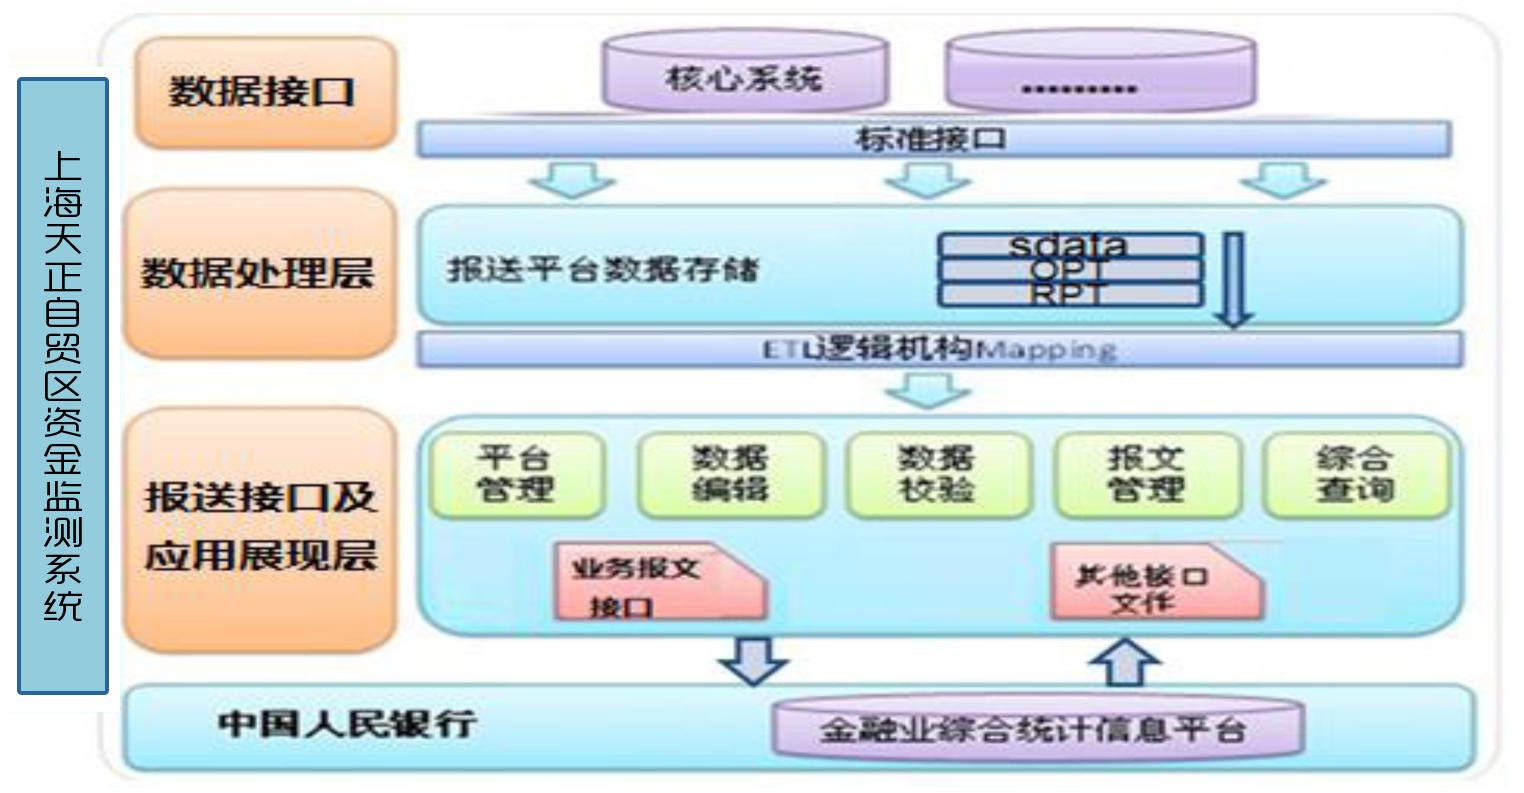 金融公司架构图模板